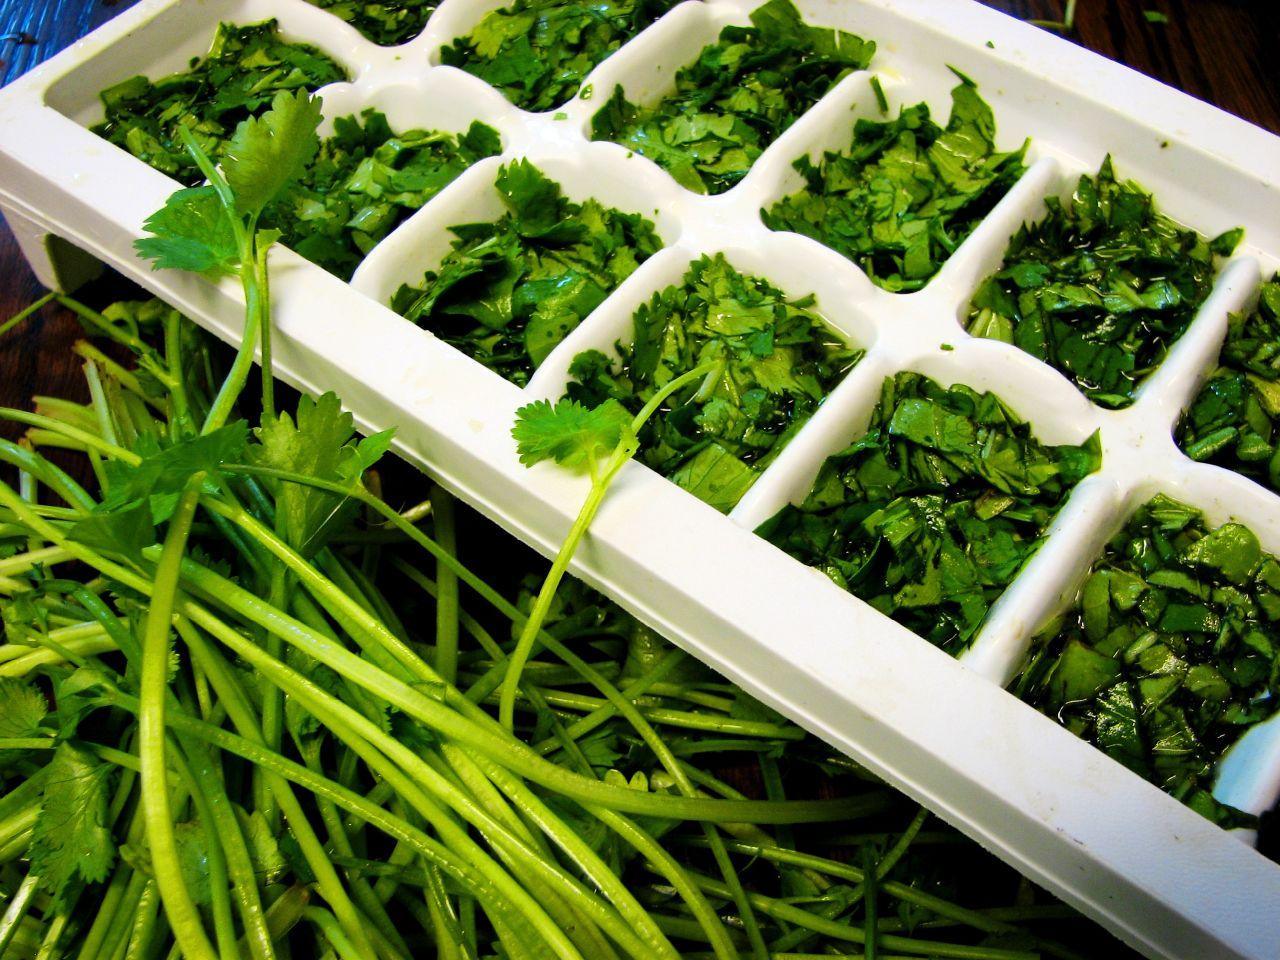 Hibernált egészség - fagyasztott gyógynövények